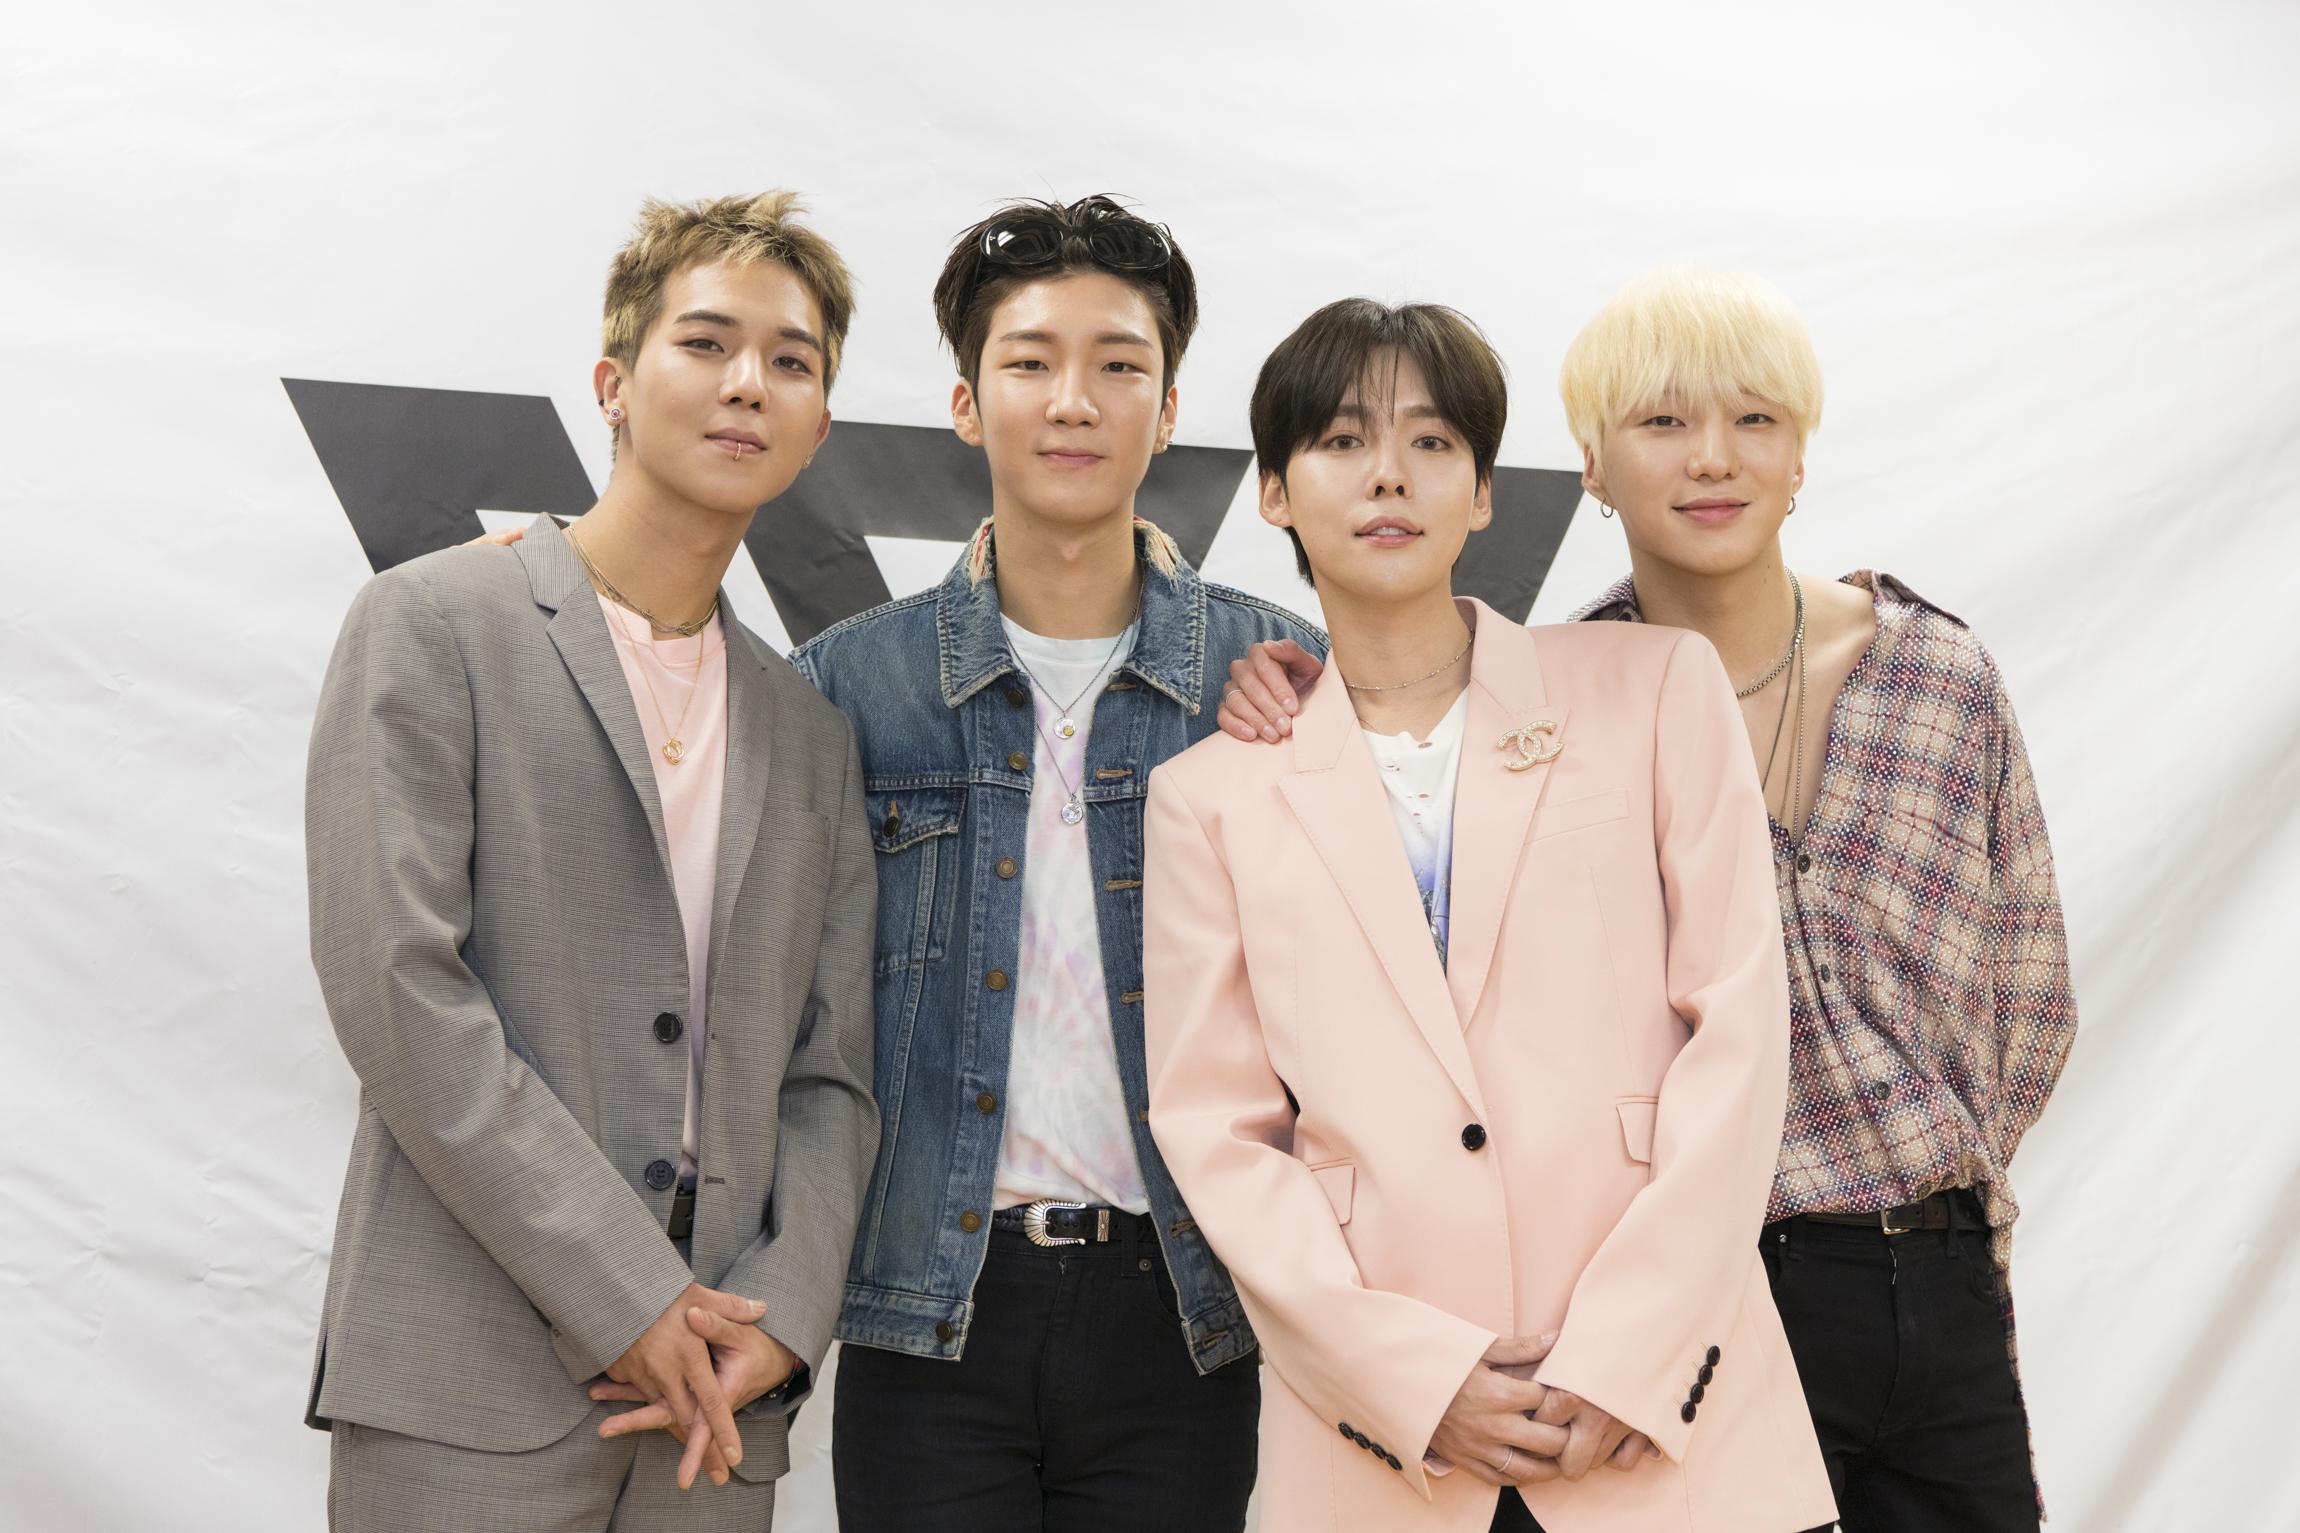 ボーイズグループWINNERが新アルバム『WE』を本日8/7リリース! タイトル曲『AH YEAH』など新曲の魅力をメンバーが語る_1